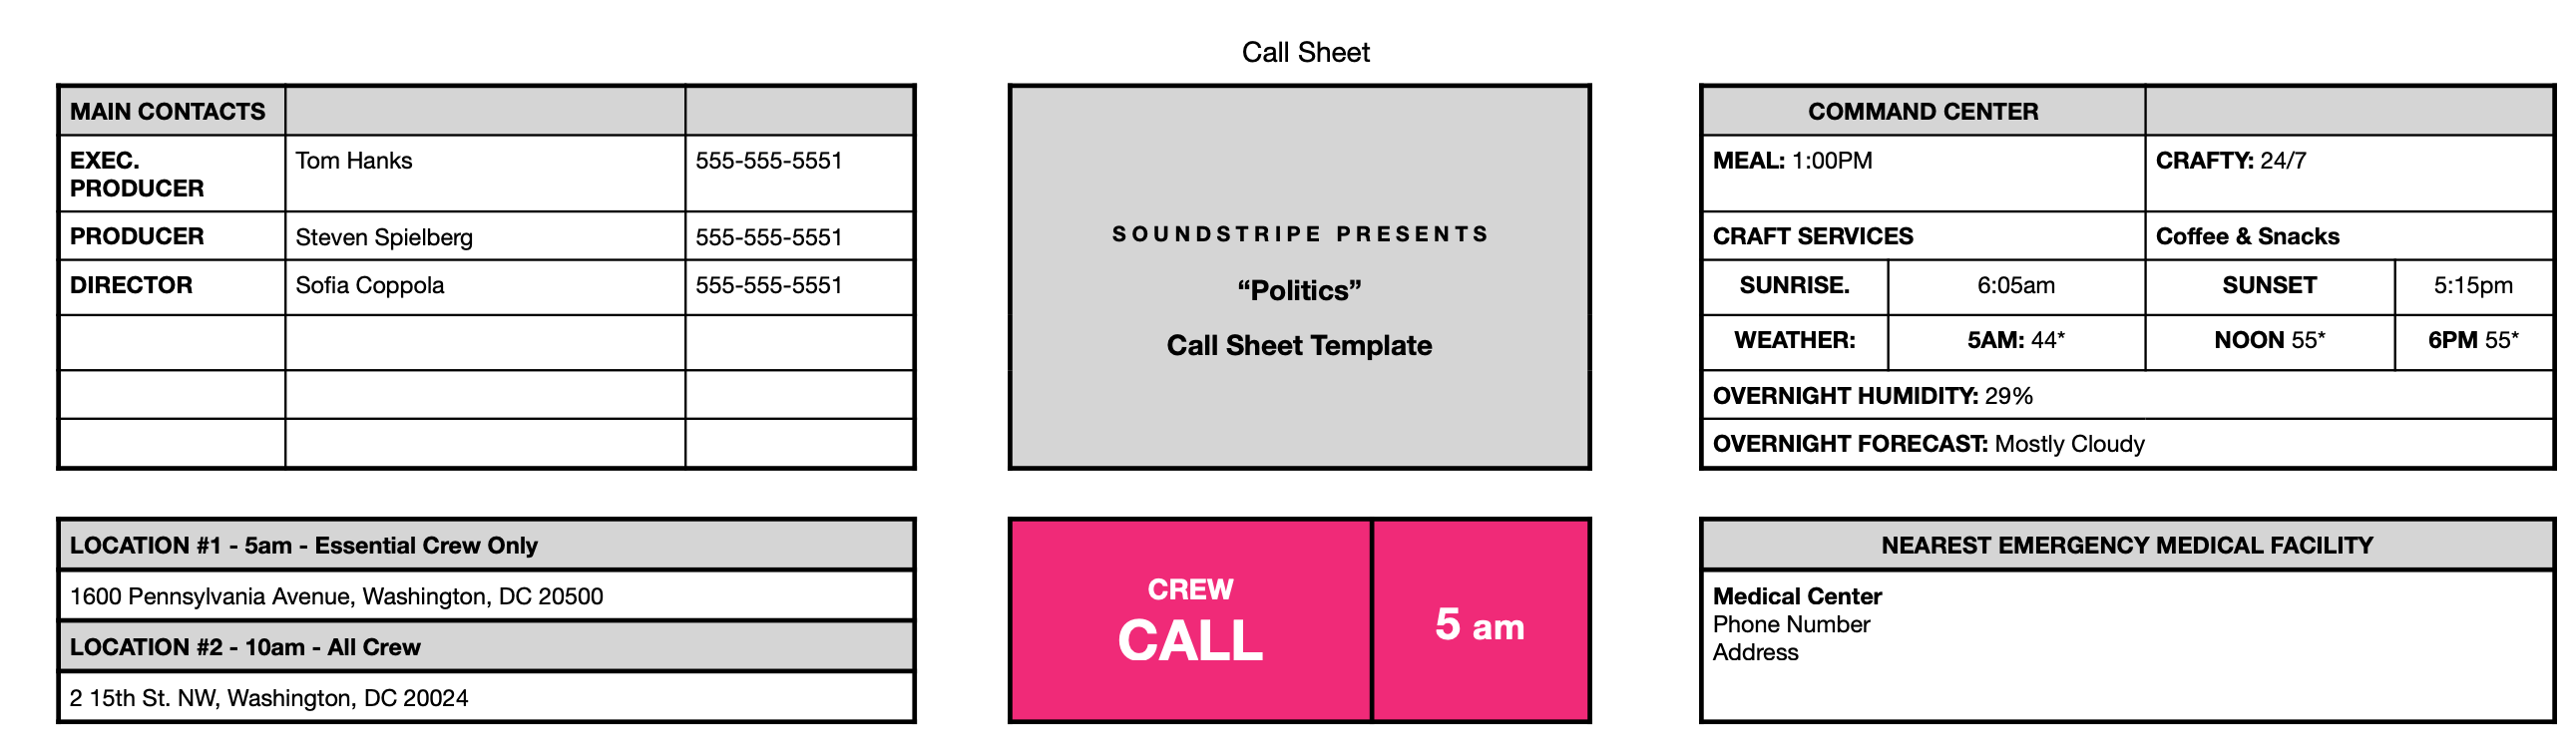 Free call sheet template